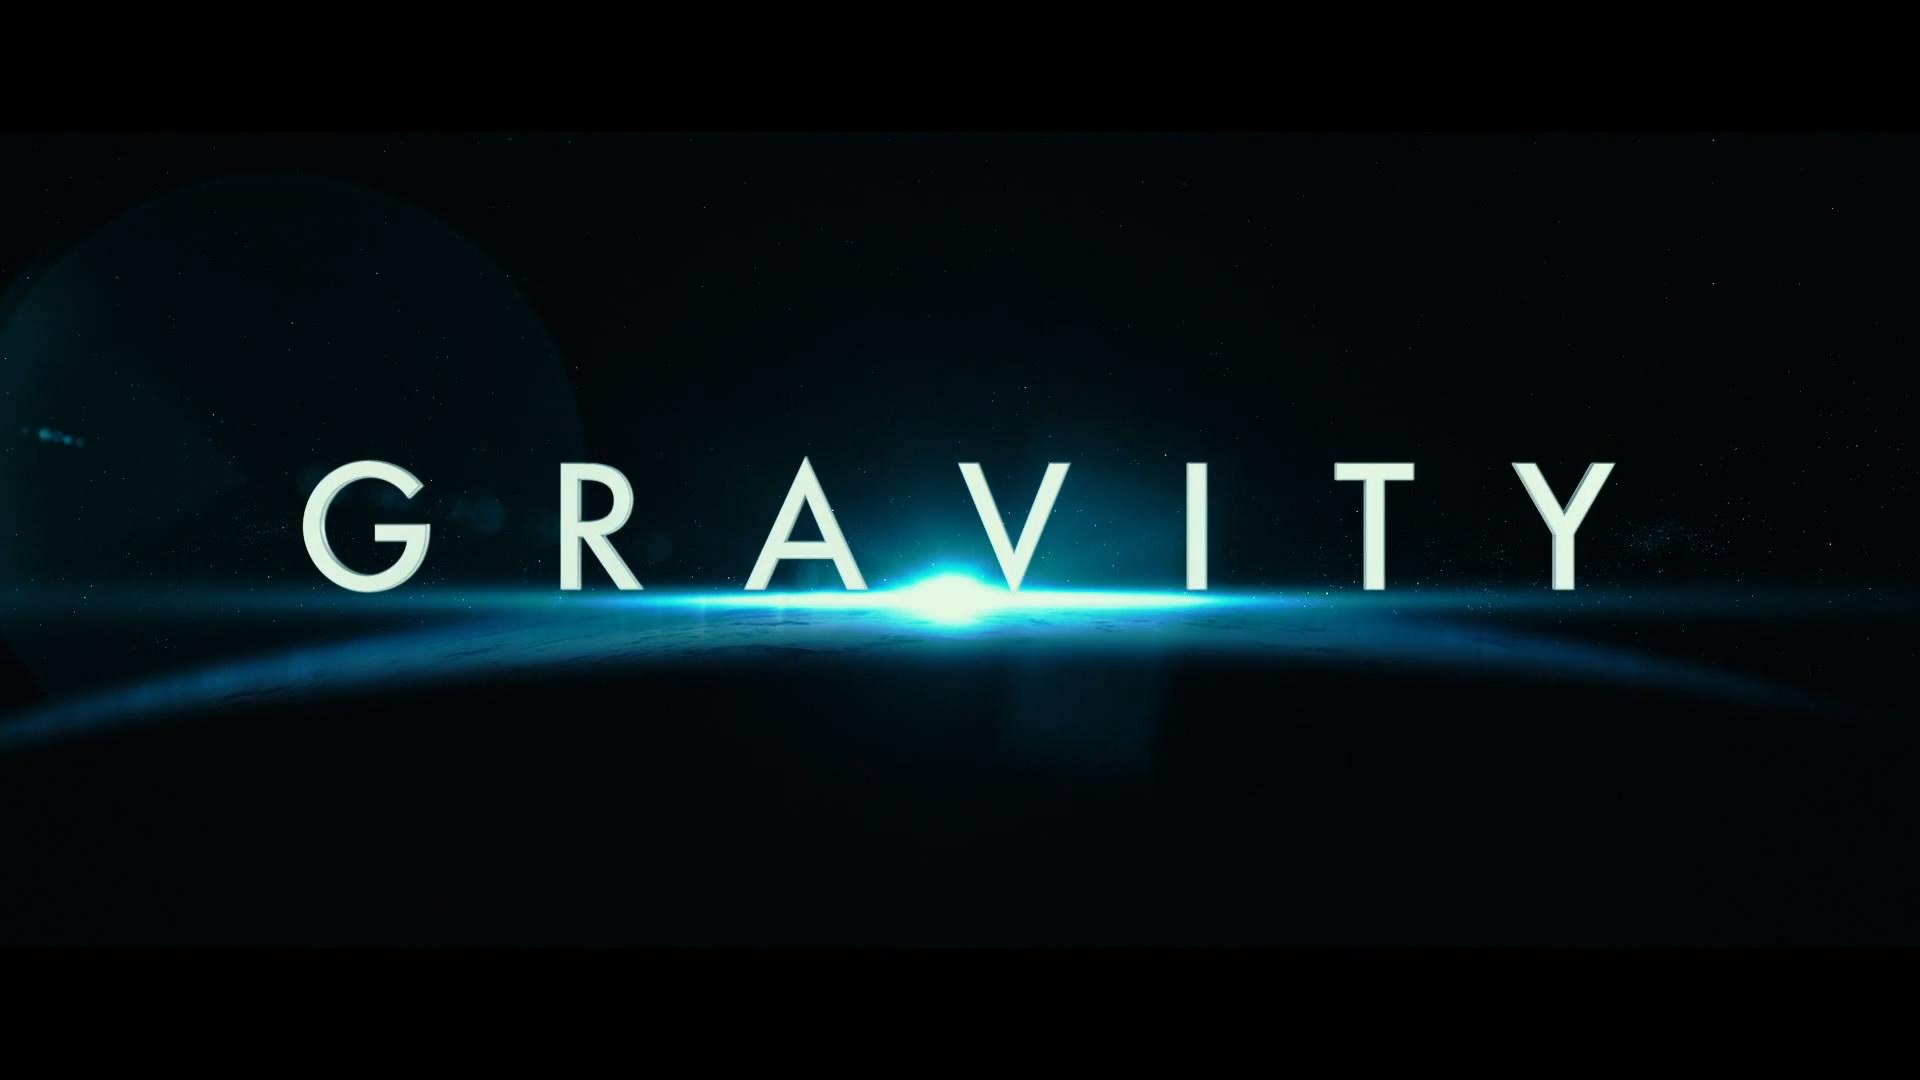 《地心引力(Gravity)》观后有感